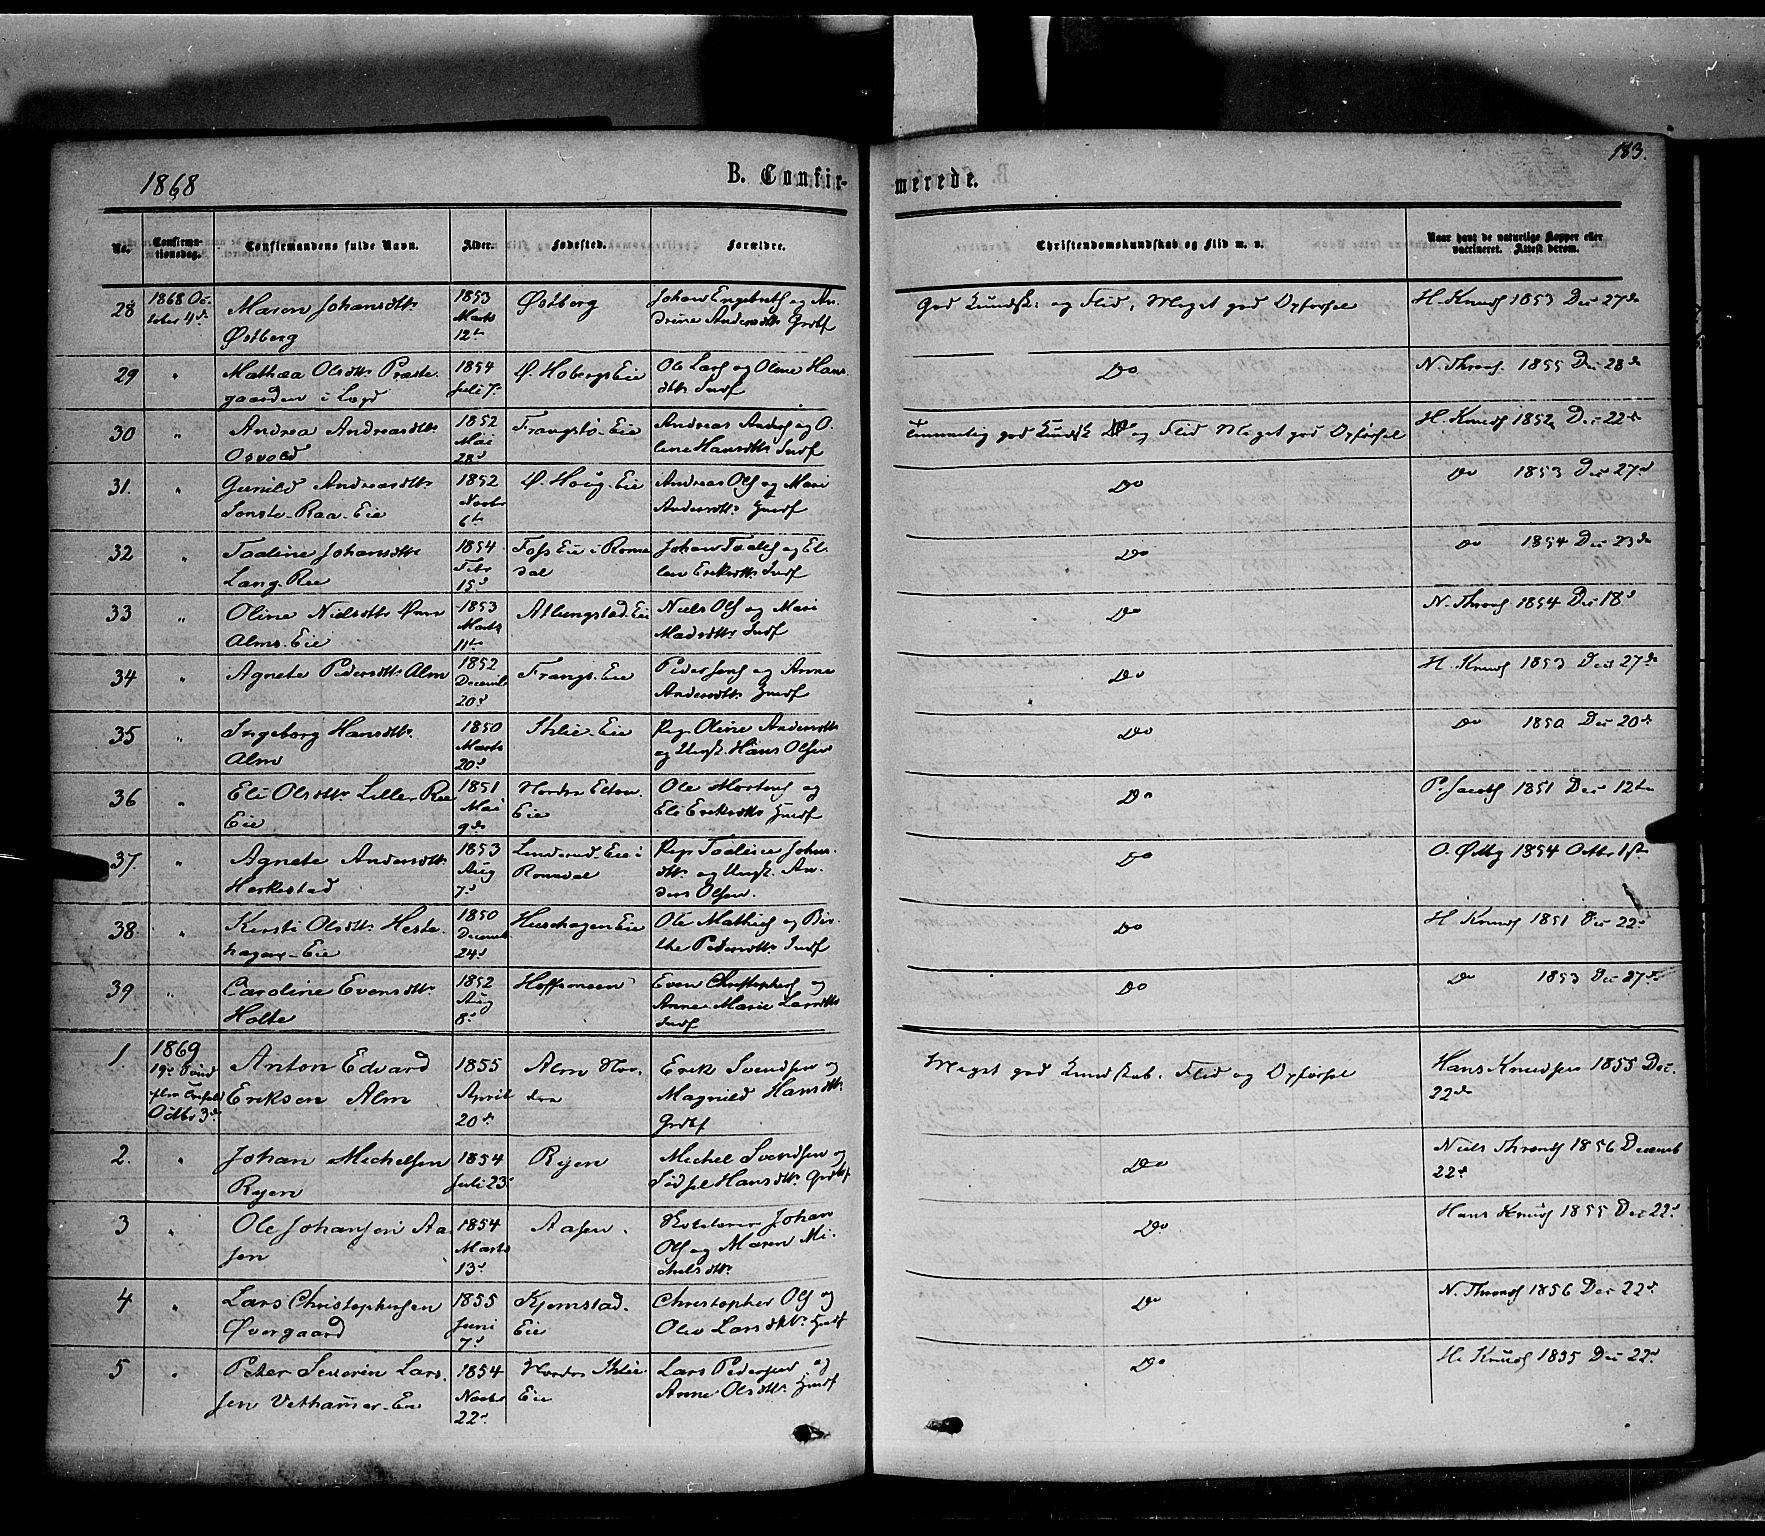 SAH, Stange prestekontor, K/L0013: Parish register (official) no. 13, 1862-1879, p. 183